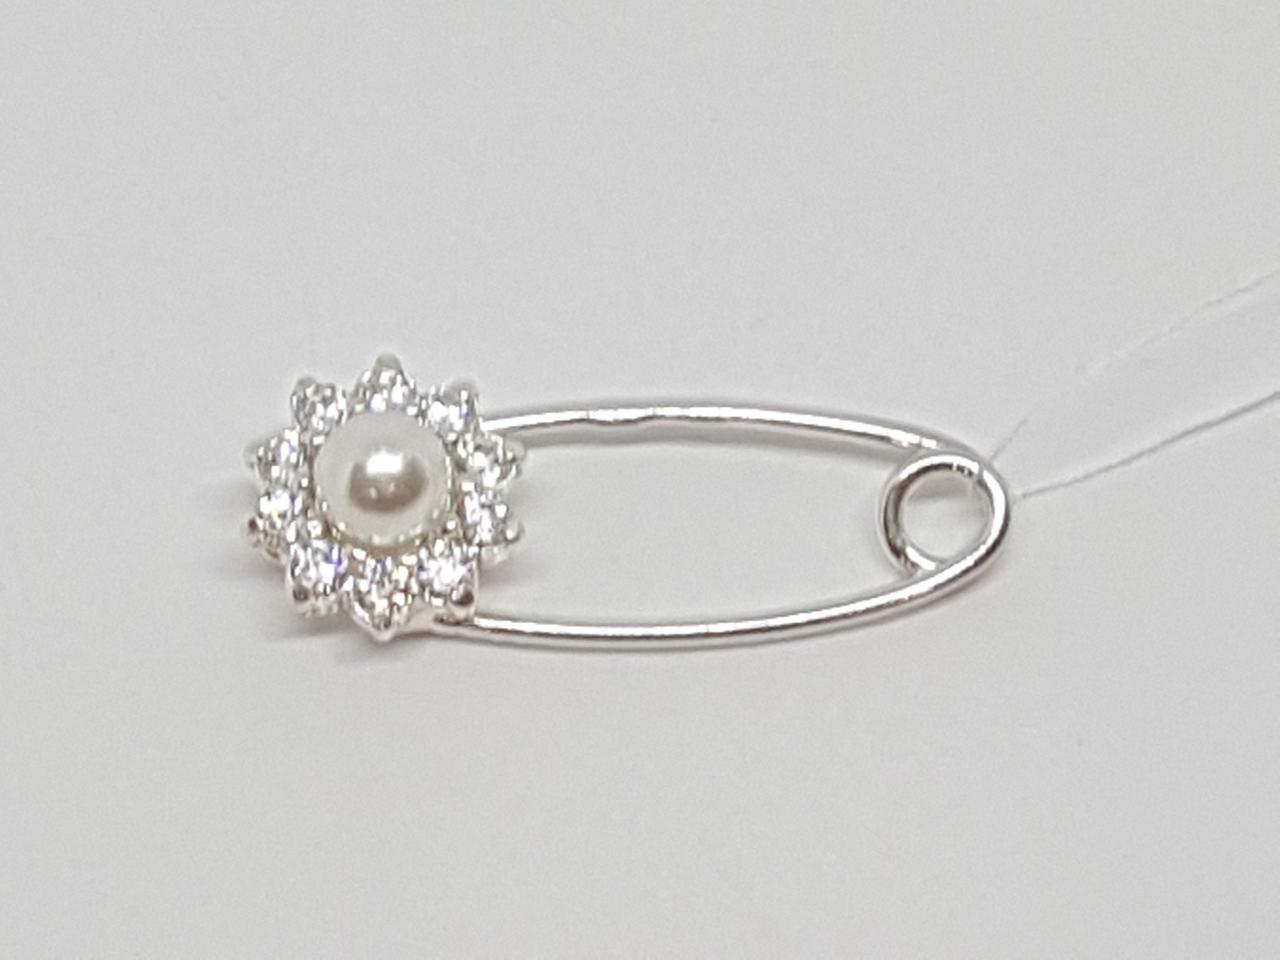 Срібна брошка-шпилька з перлами і фіанітами. Артикул 7010-9